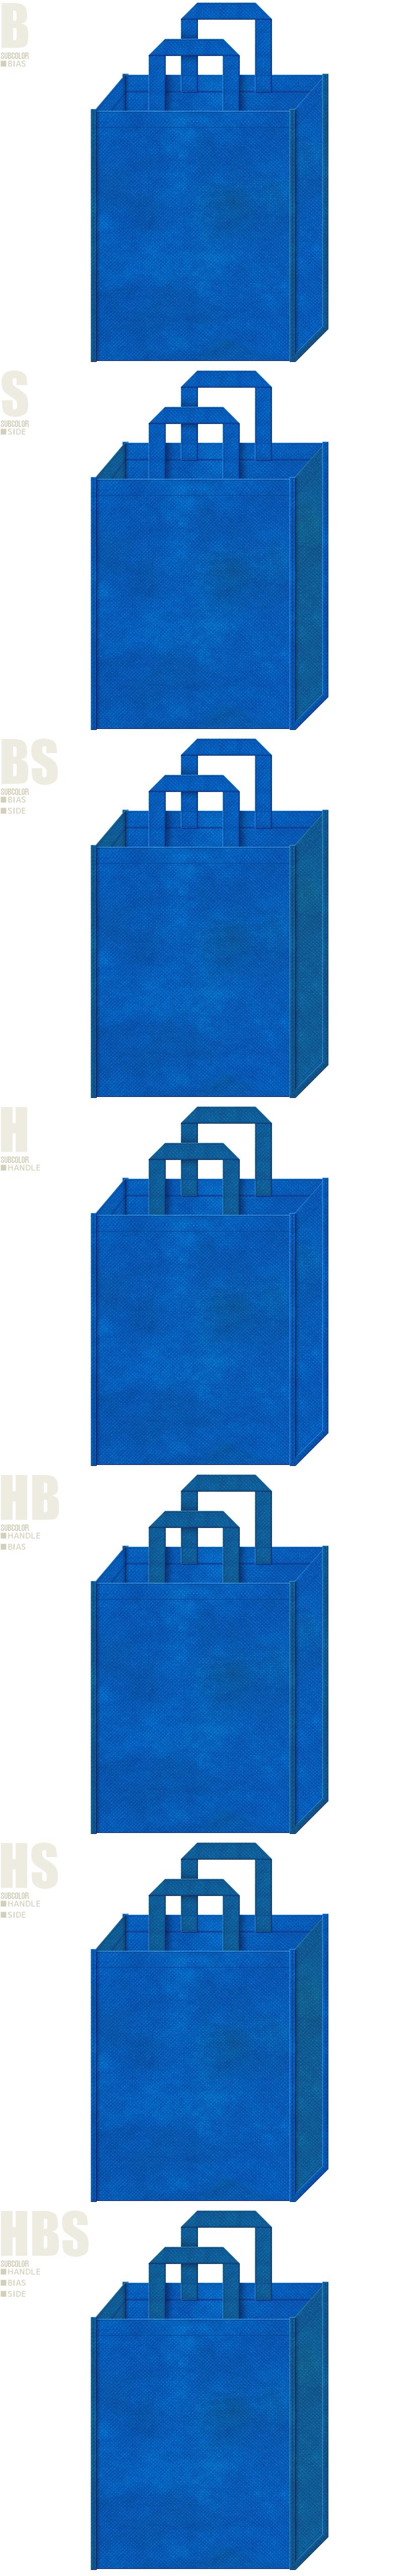 不織布トートバッグのデザイン例-不織布メインカラーNo.22+サブカラーNo.28の2色7パターン